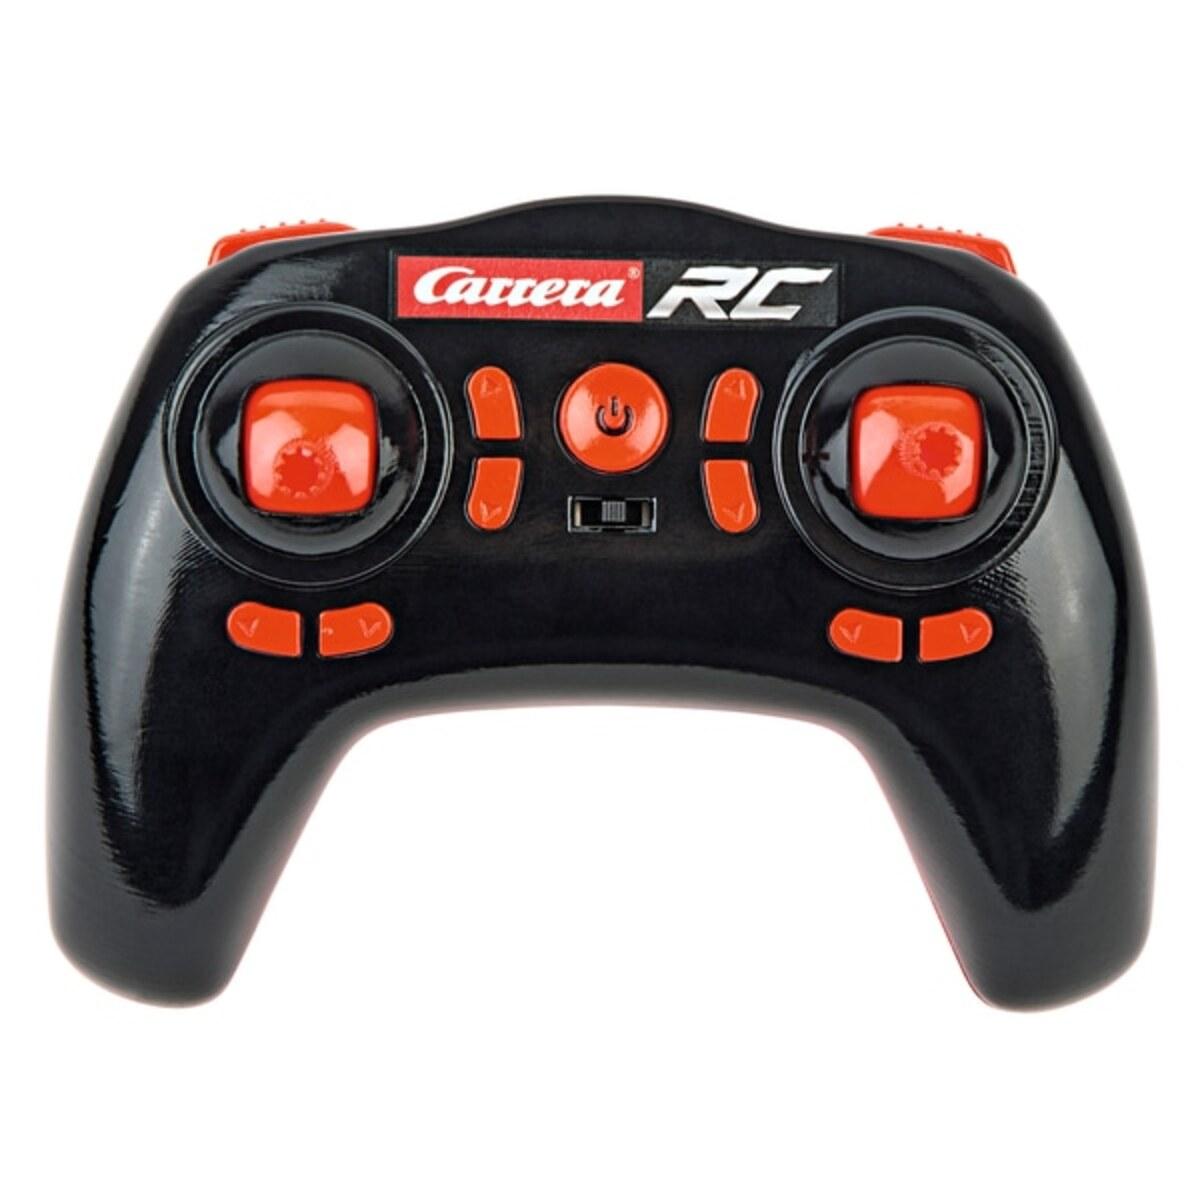 Bild 2 von Carrera RC - Mini Mario-Copter